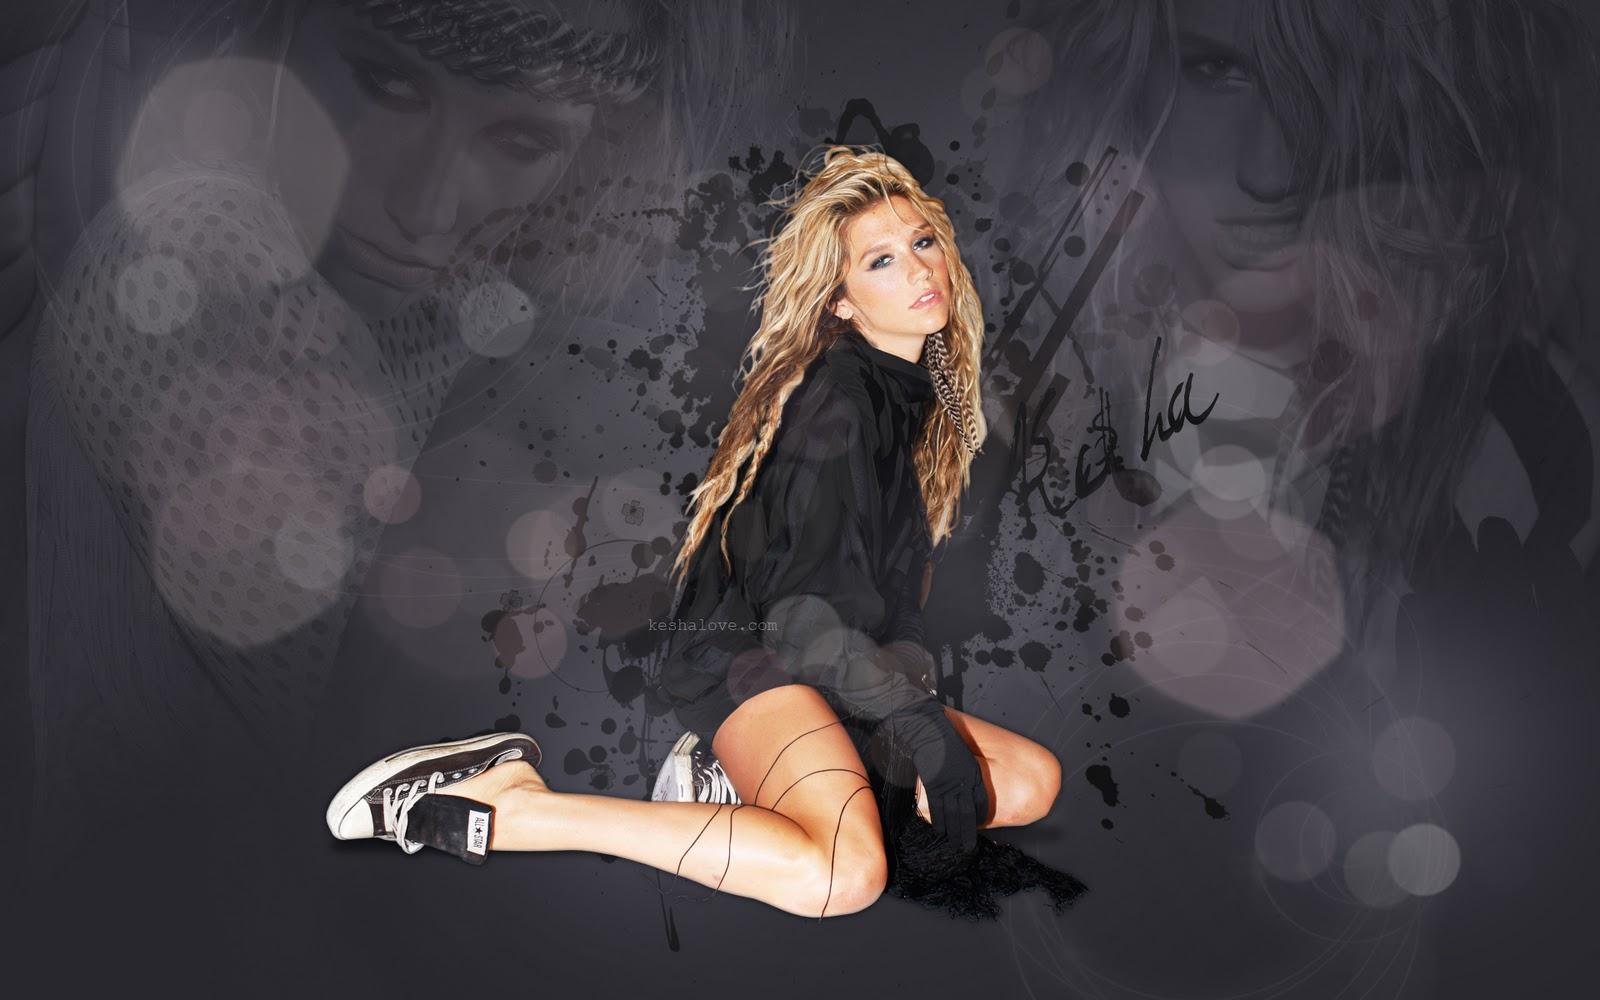 http://2.bp.blogspot.com/-_CTFllrhQ9E/UFmmMEeuZAI/AAAAAAAADGI/LIwan-n2fDM/s1600/Kesha-Wallpapers-2010-.jpg